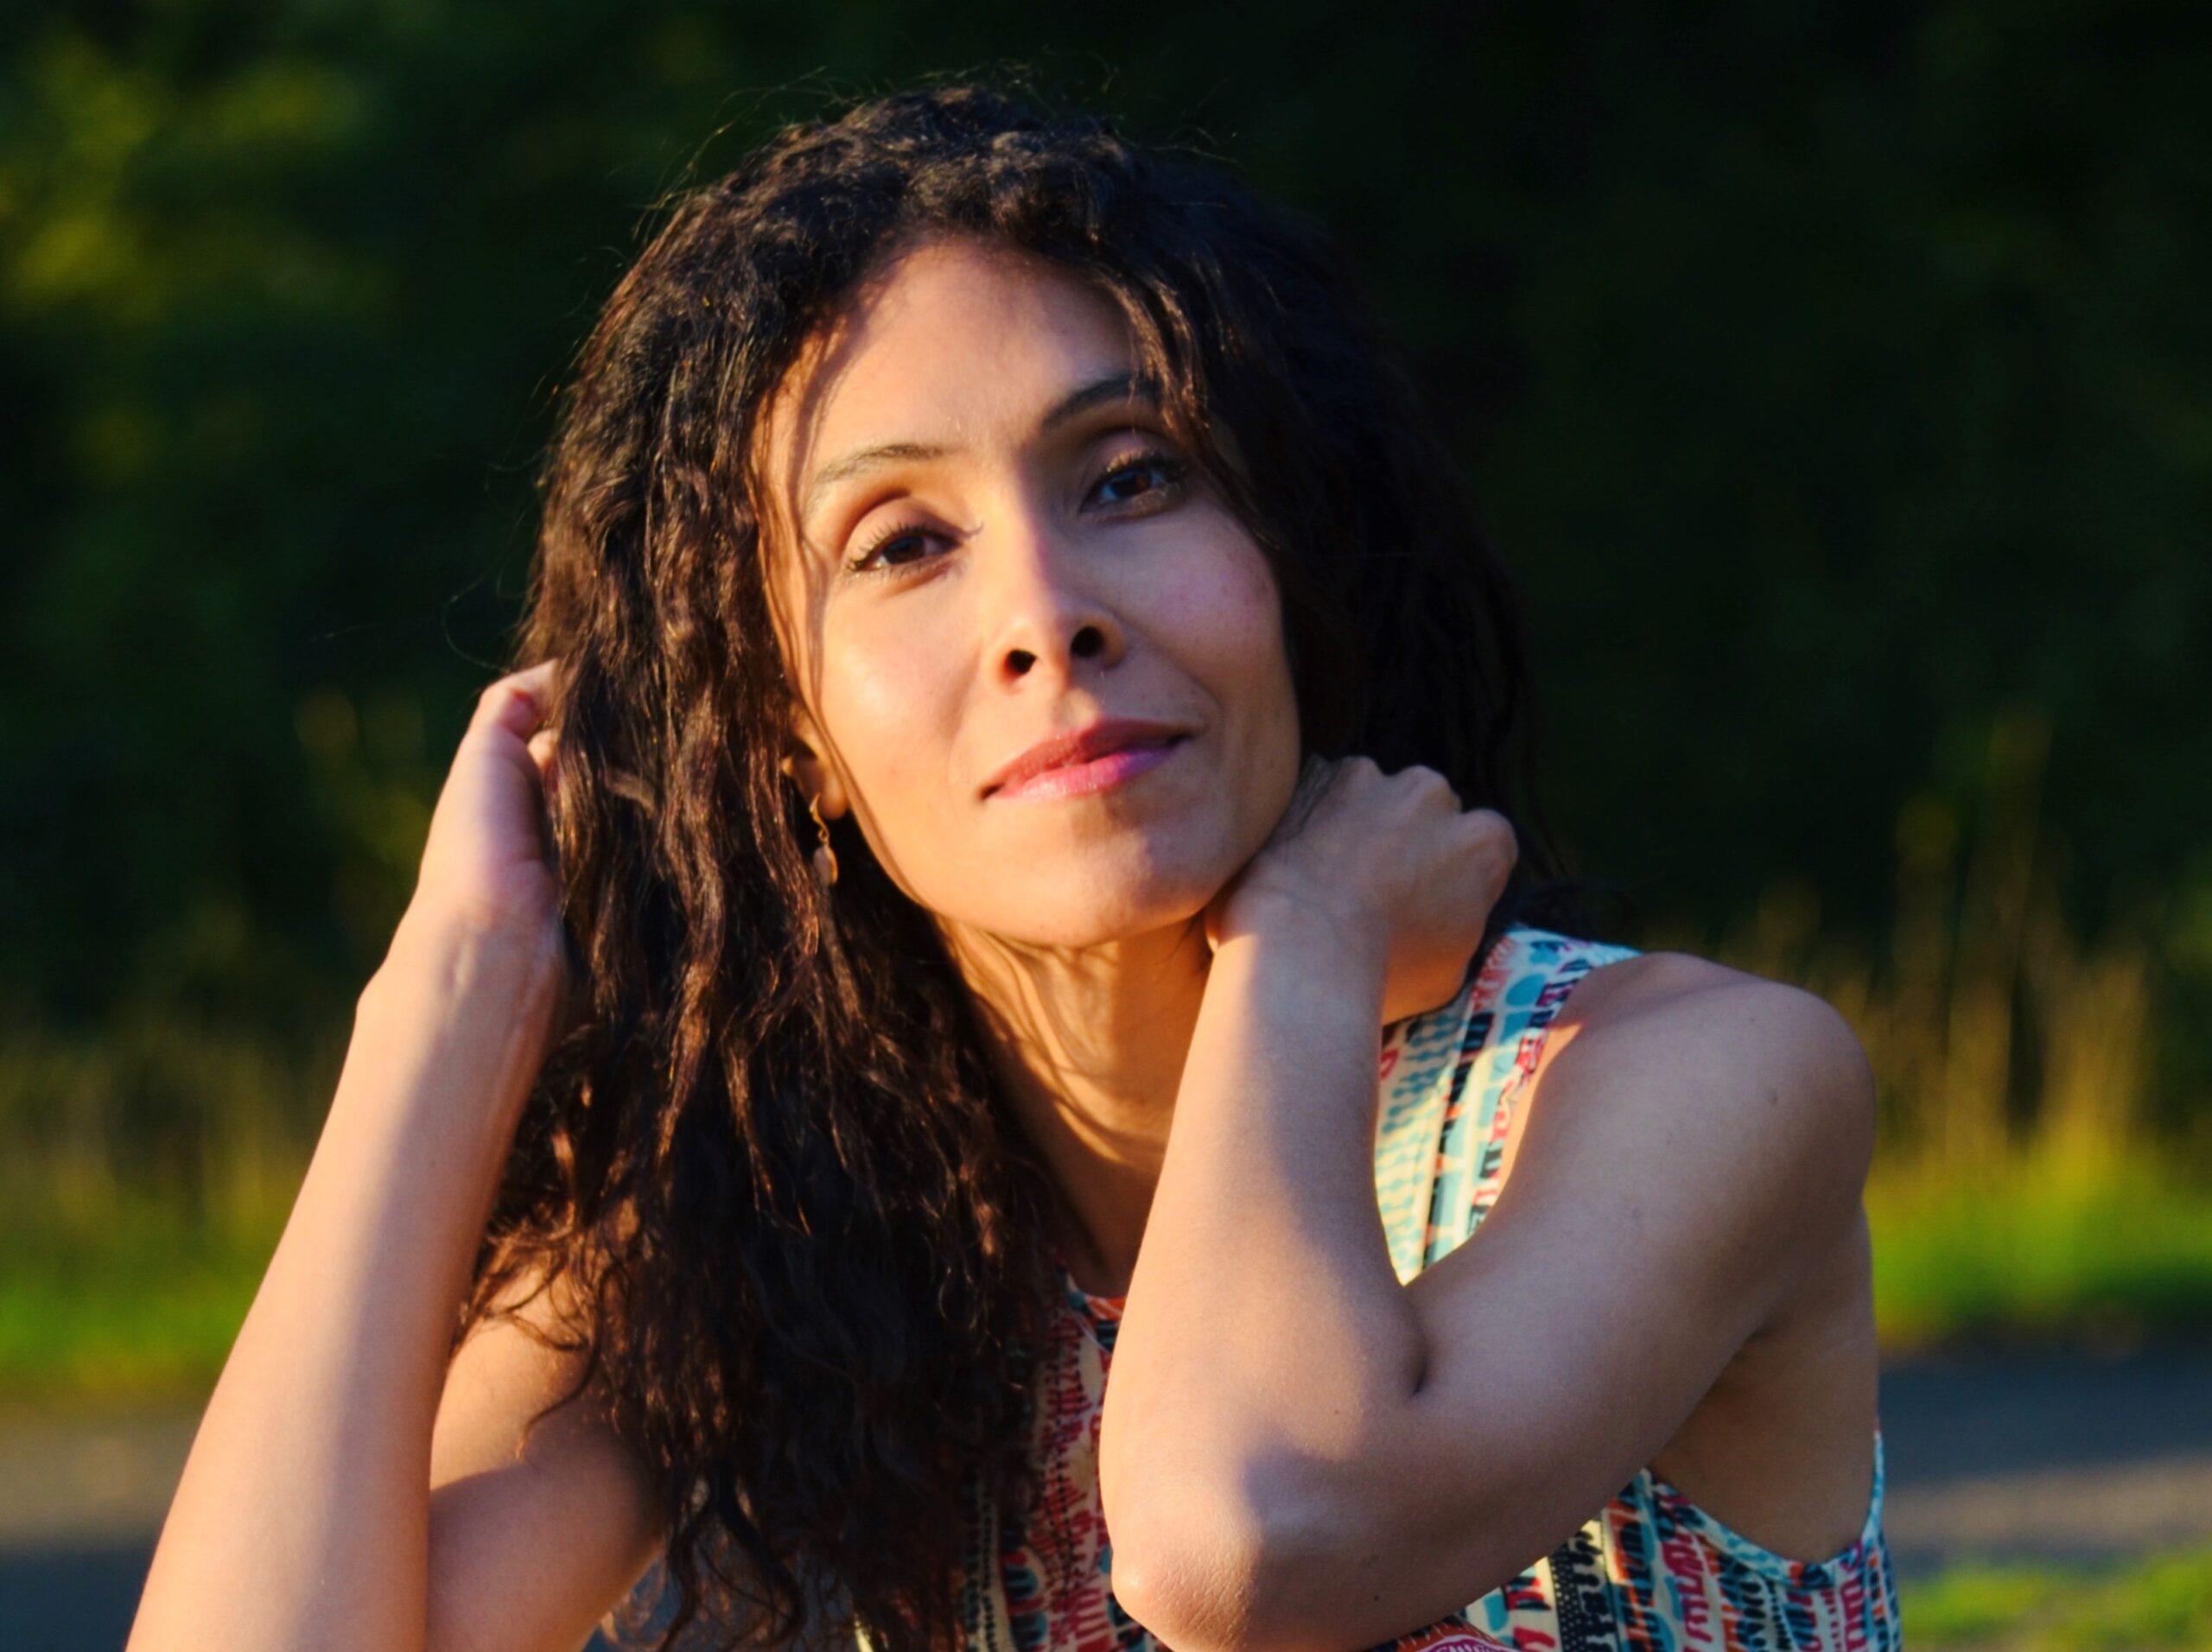 Författarintervju Lisa Christensen+ Skrivfokus